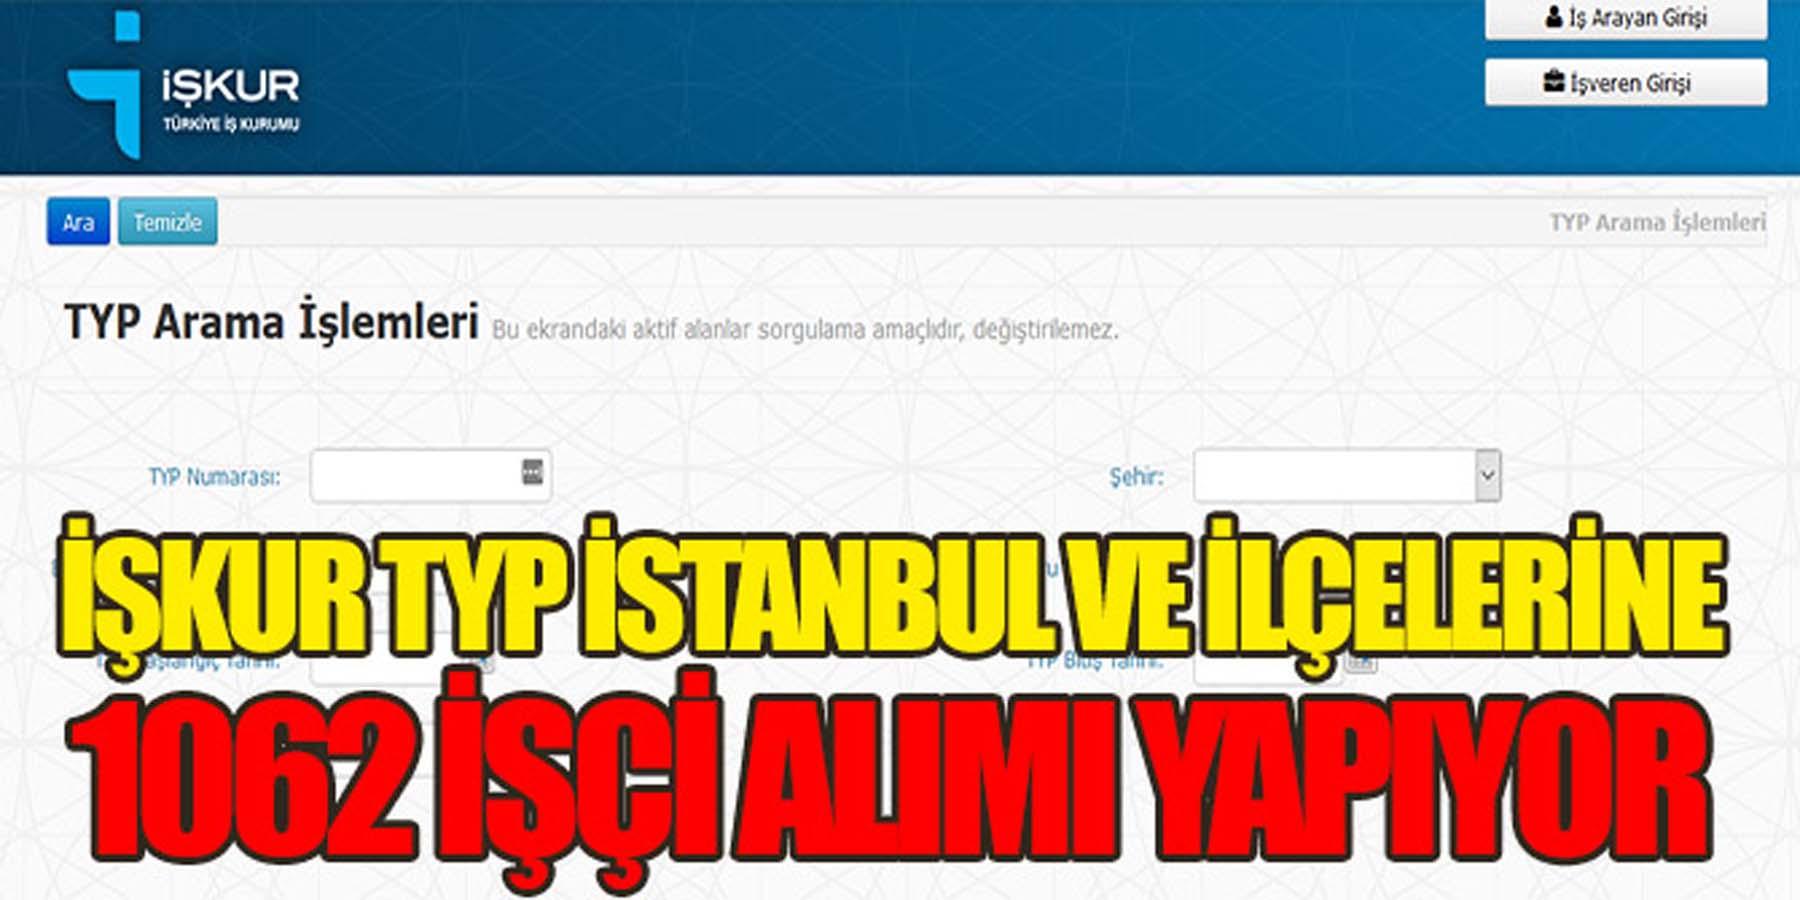 İŞKUR TYP İstanbul ve İlçelerine 1062 İşçi Alımı